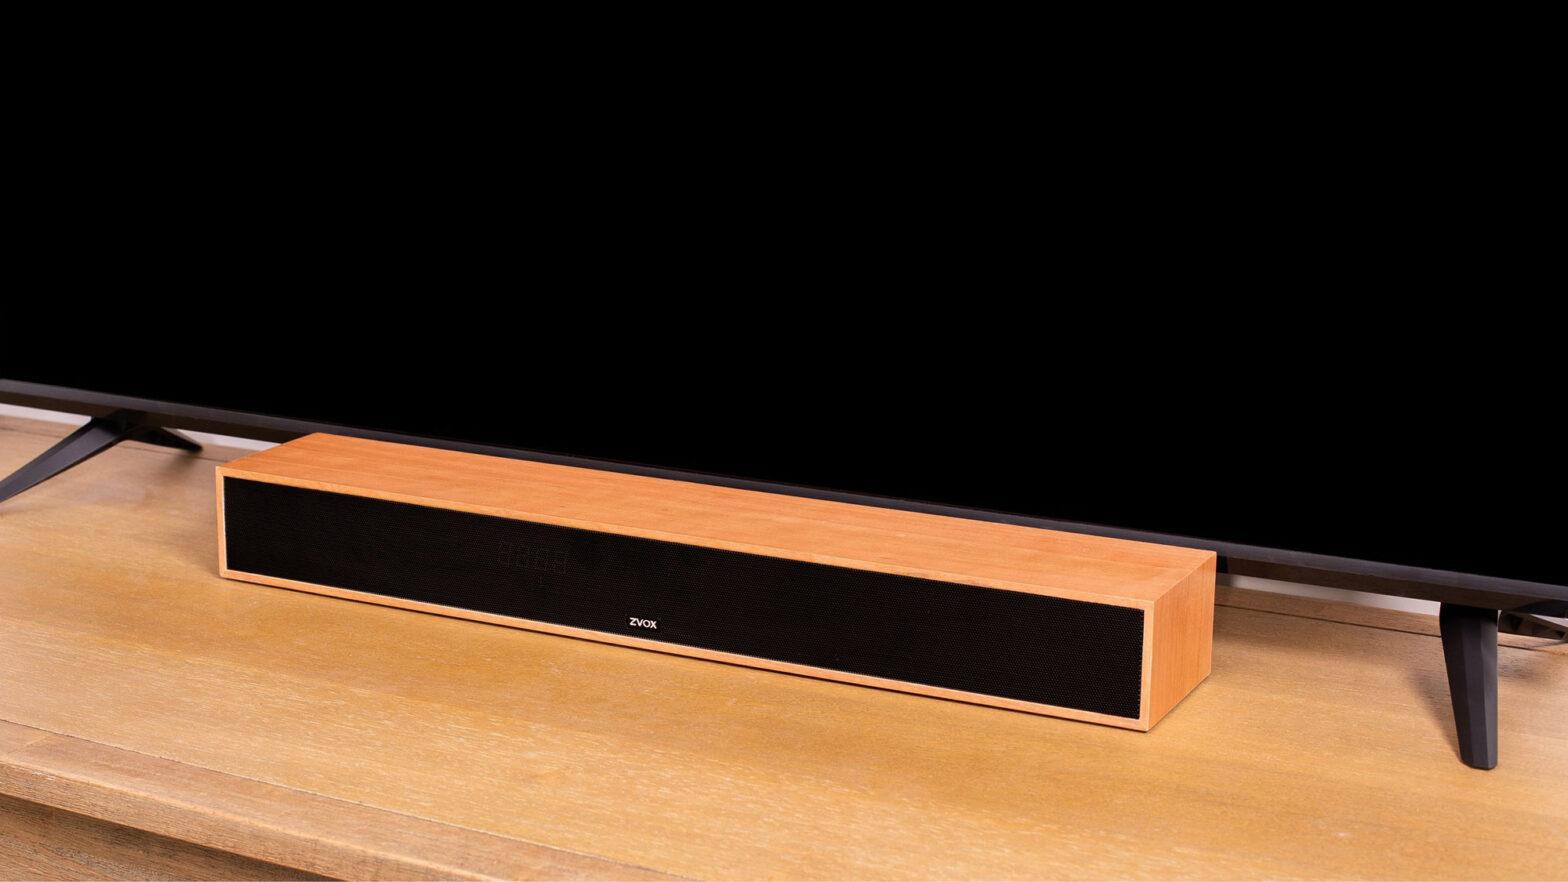 ZVOX AV357 Home Theater Sound Bar